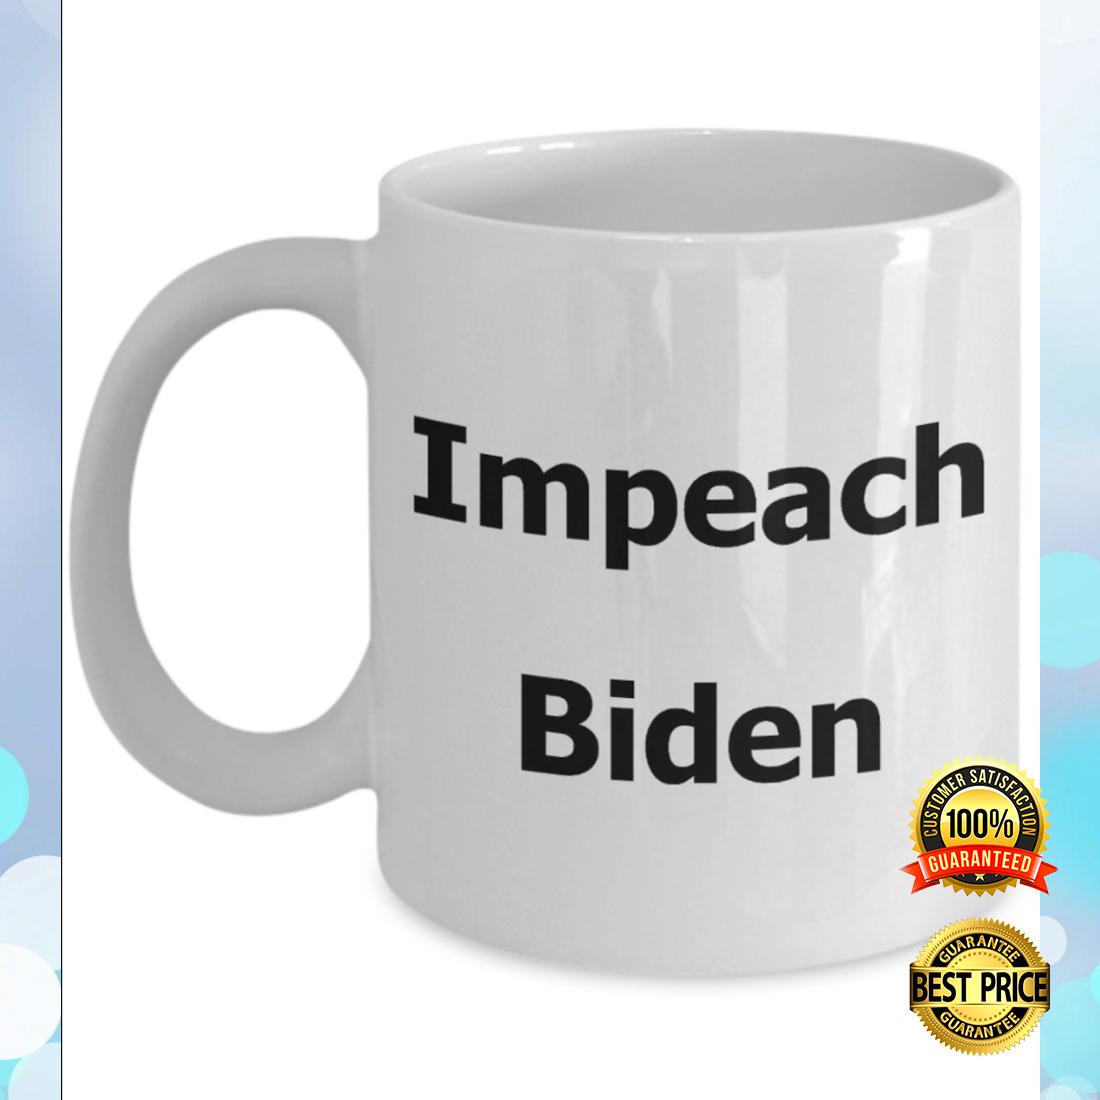 Impeach Bidean mug 4